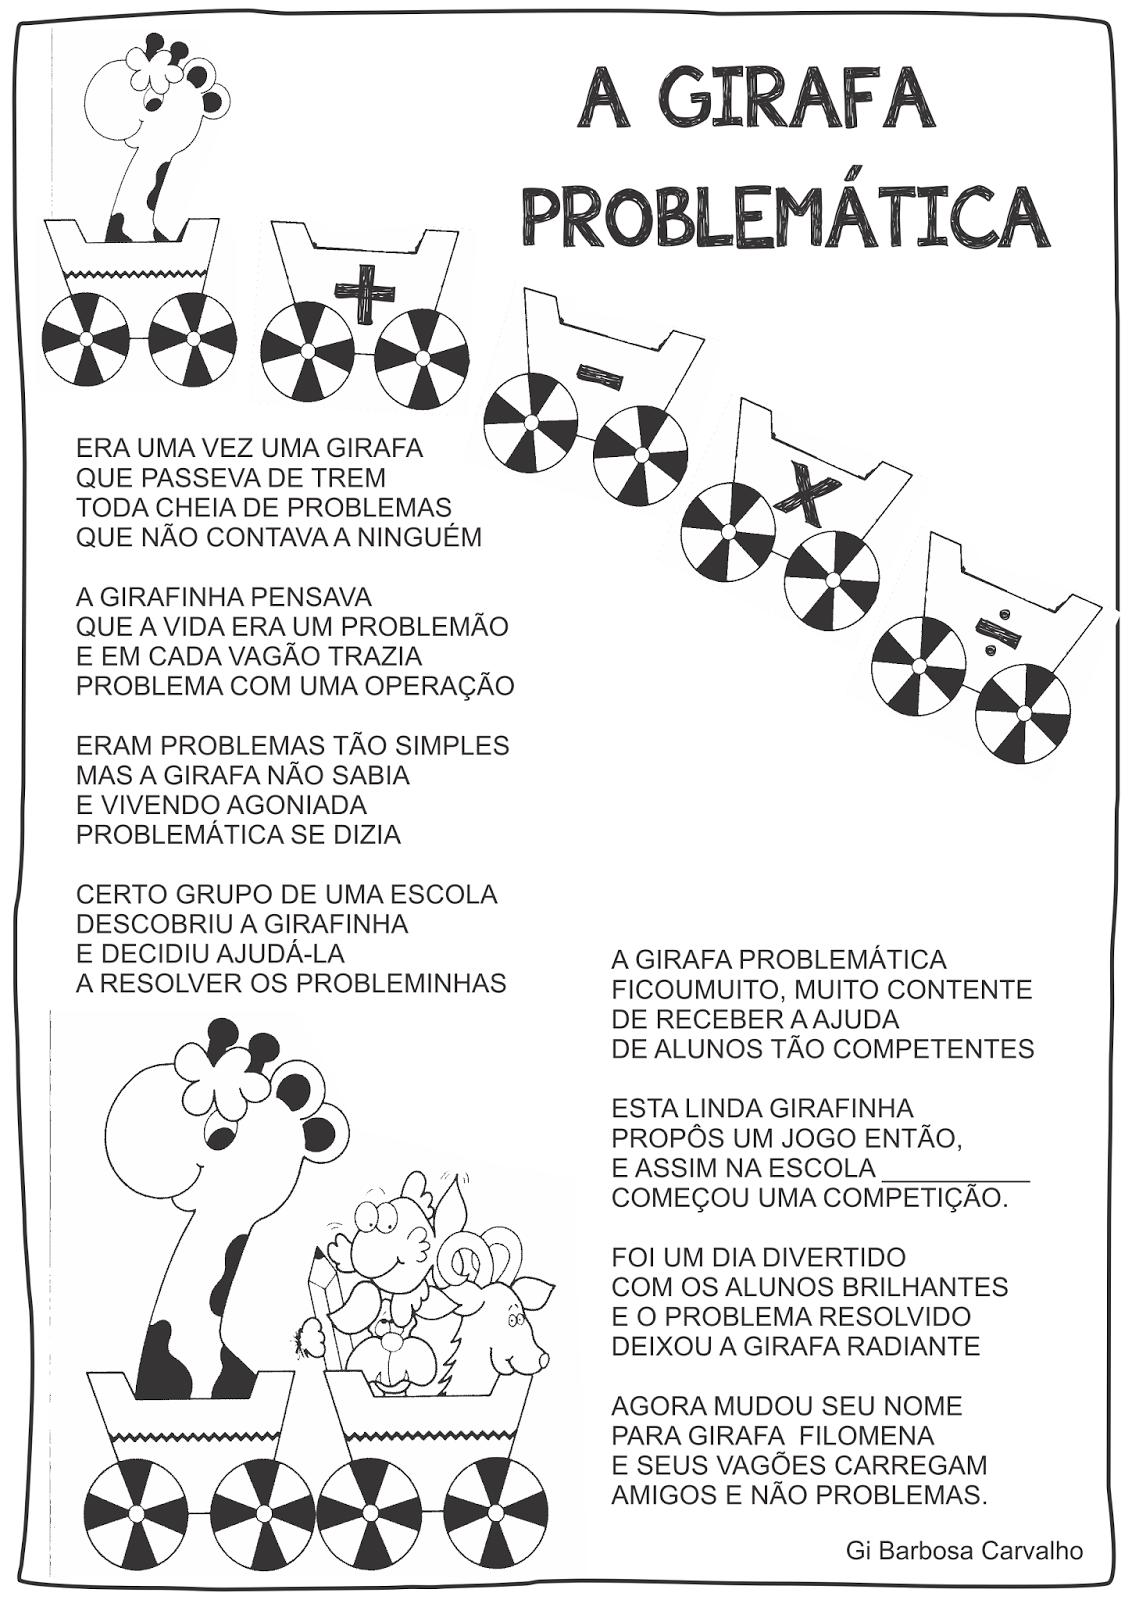 Jogo Pedagógico A Girafa Problemática com Modelo de Painel